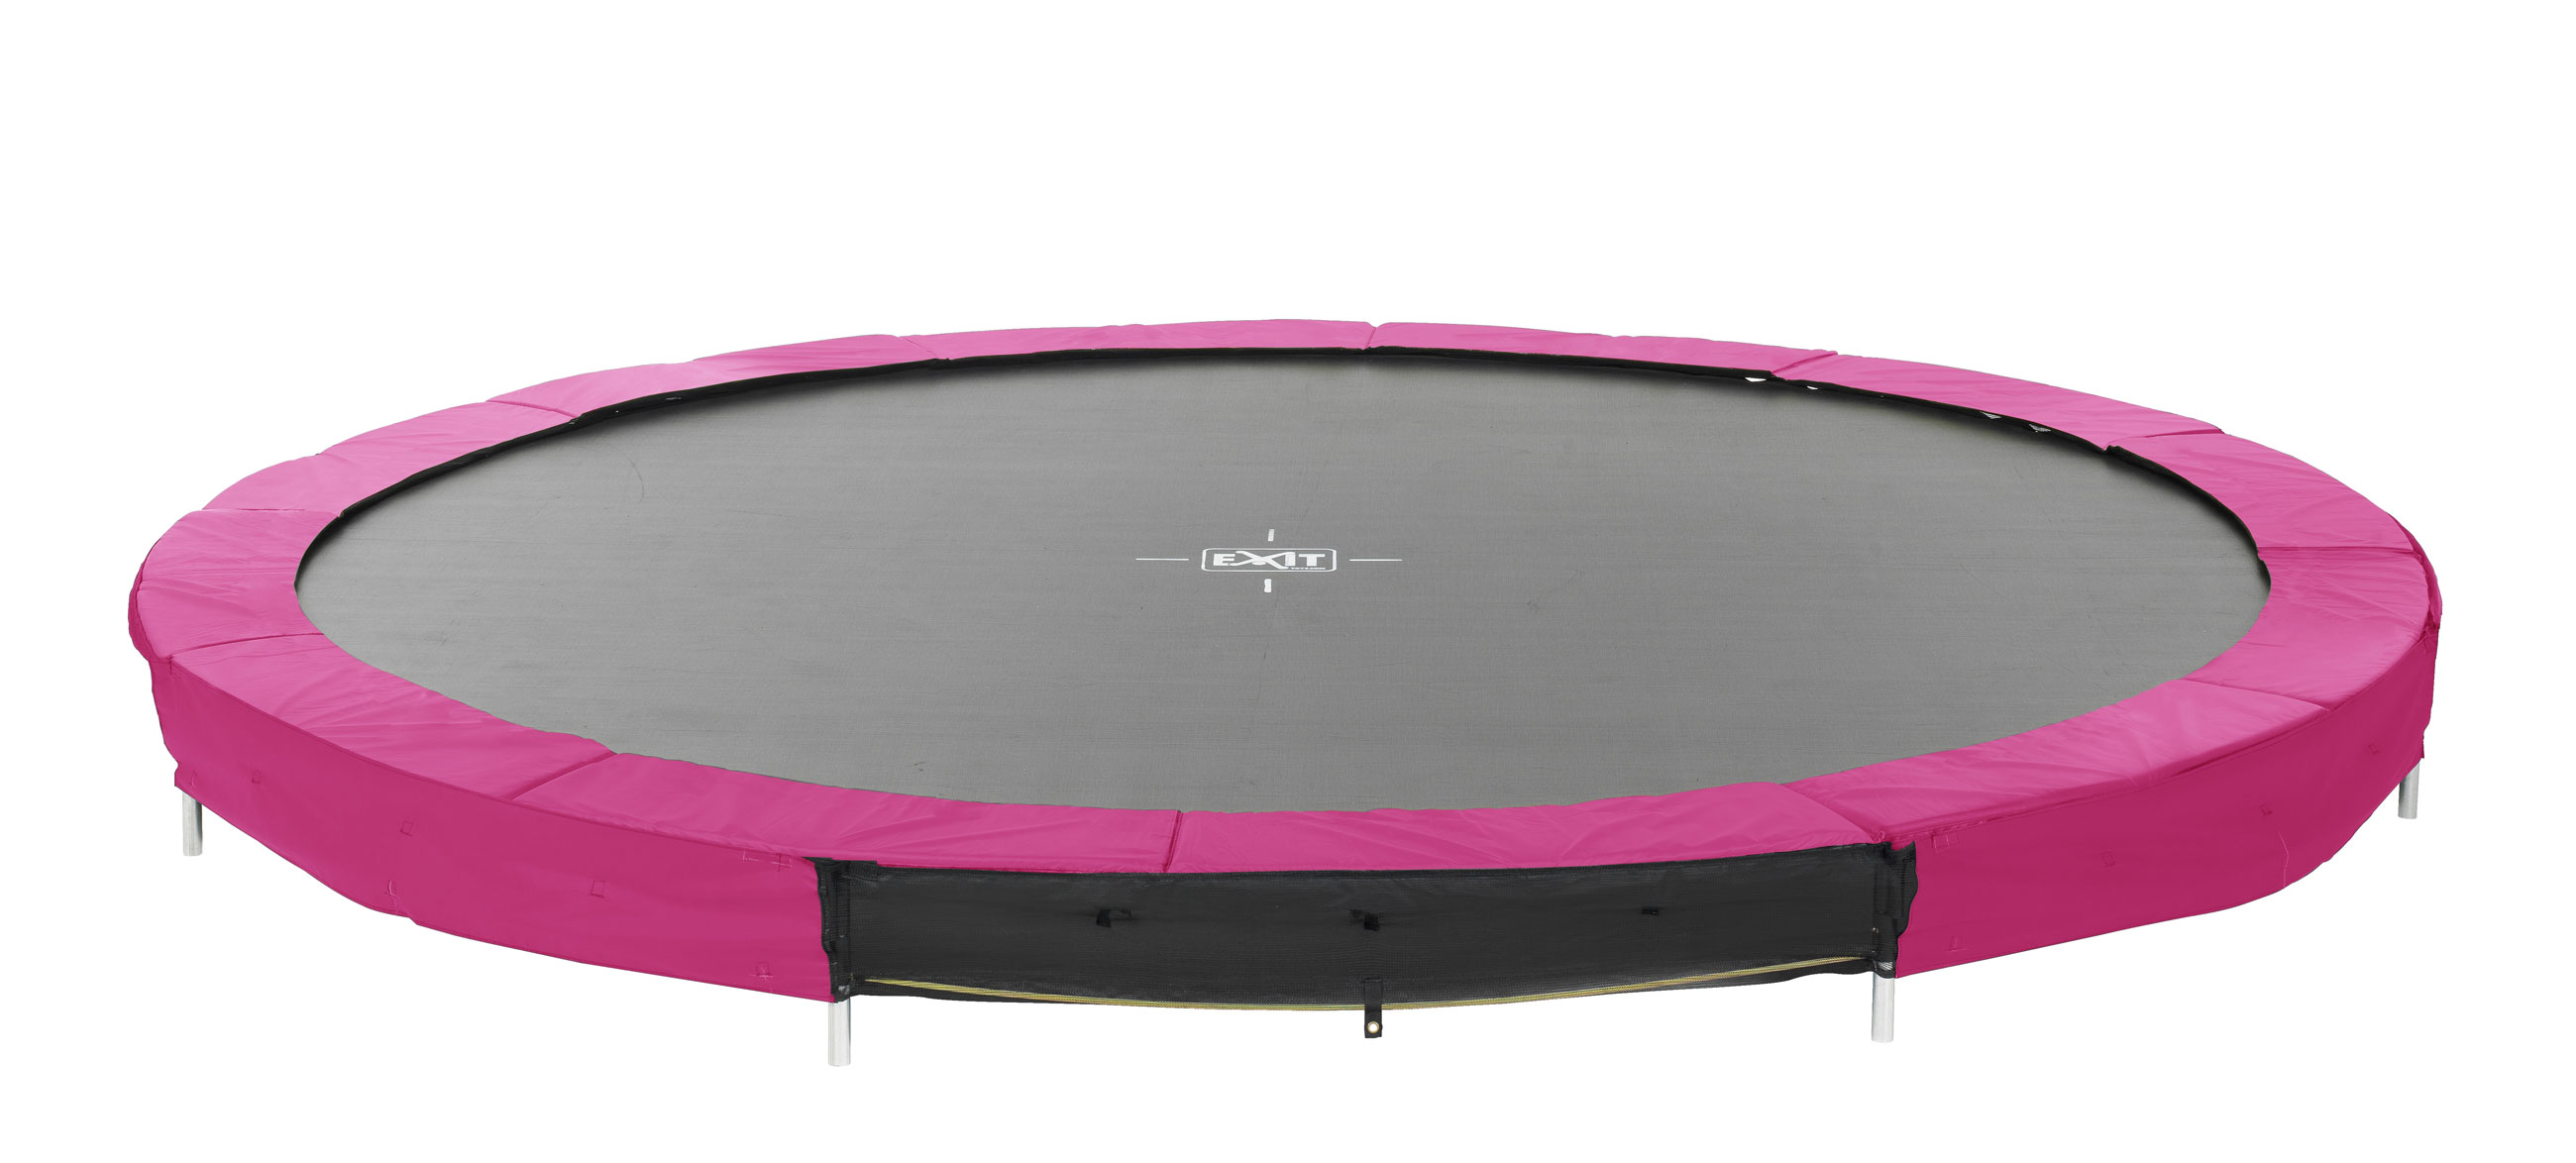 Trampolin EXIT Silhouette Ground Ø427cm pink Bild 1